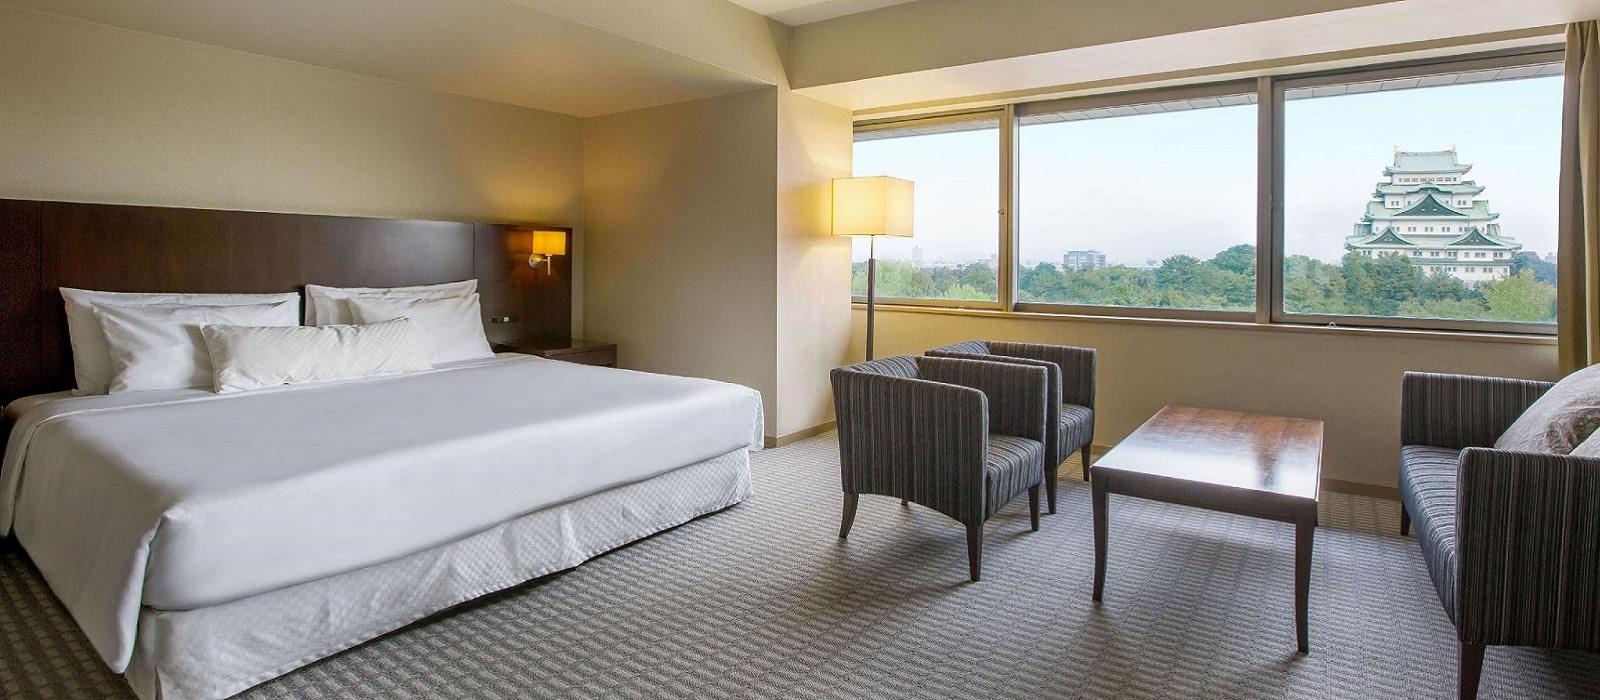 Hotel  Nagoya Castle Japan